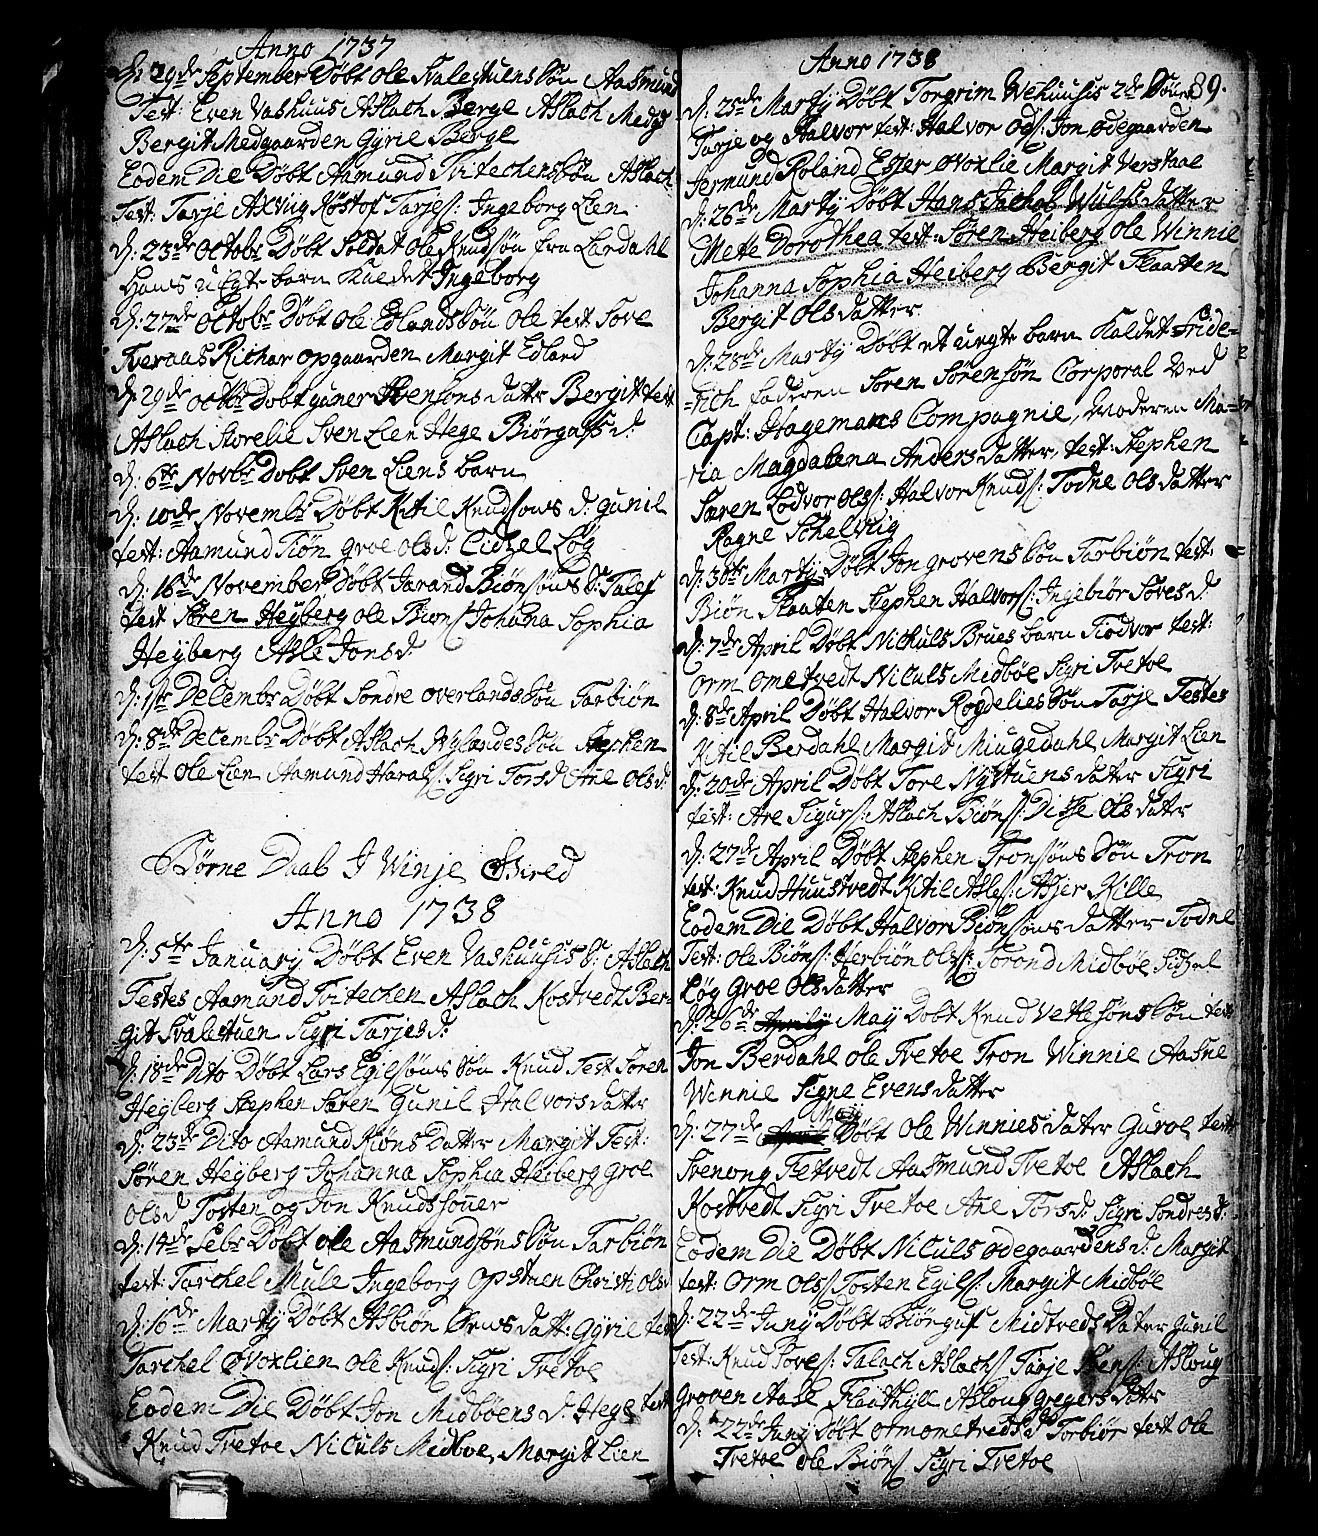 SAKO, Vinje kirkebøker, F/Fa/L0001: Ministerialbok nr. I 1, 1717-1766, s. 89